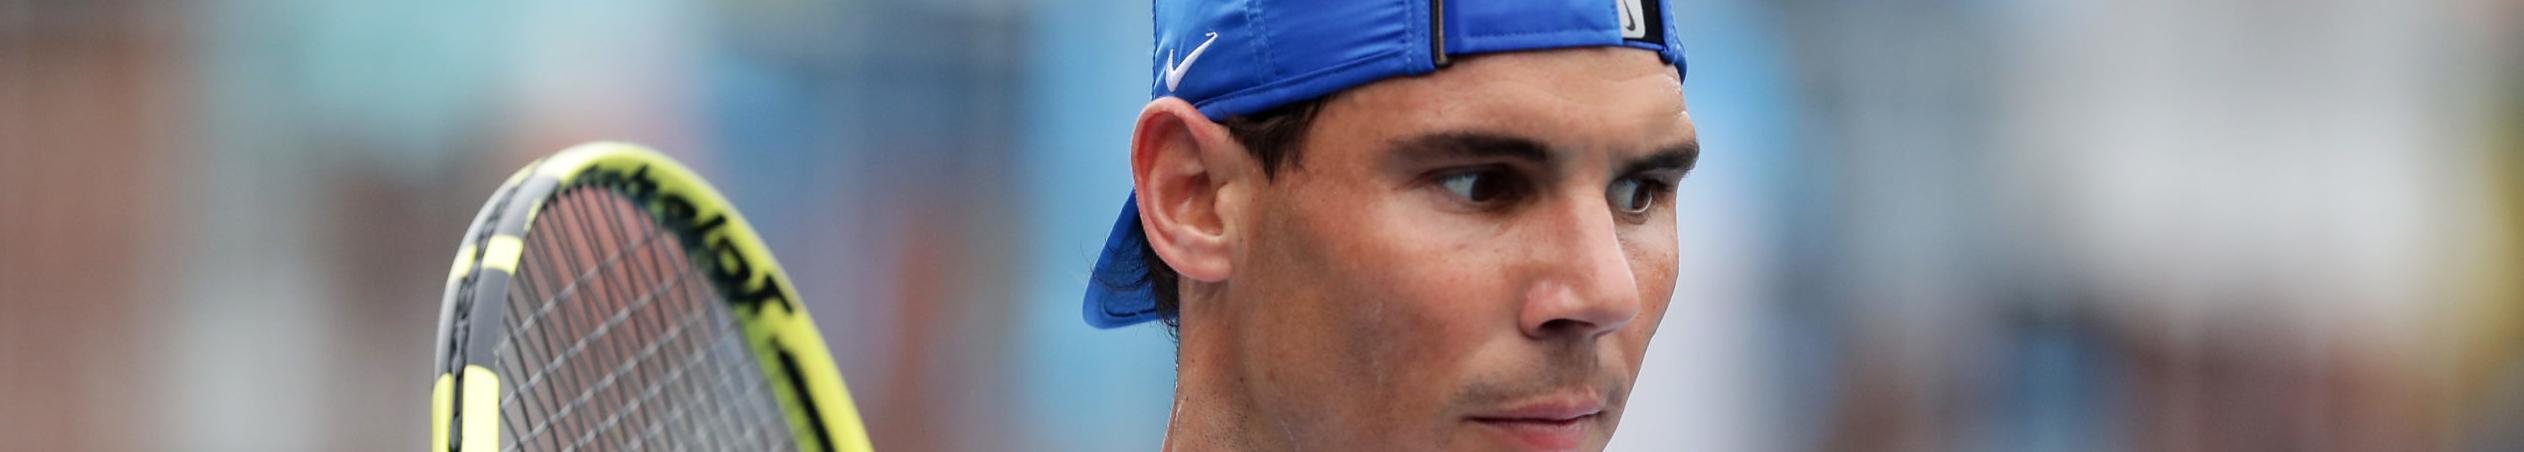 ATP Cup 2020: la Serbia si aggrappa a Djokovic, Spagna favoritissima sul Belgio